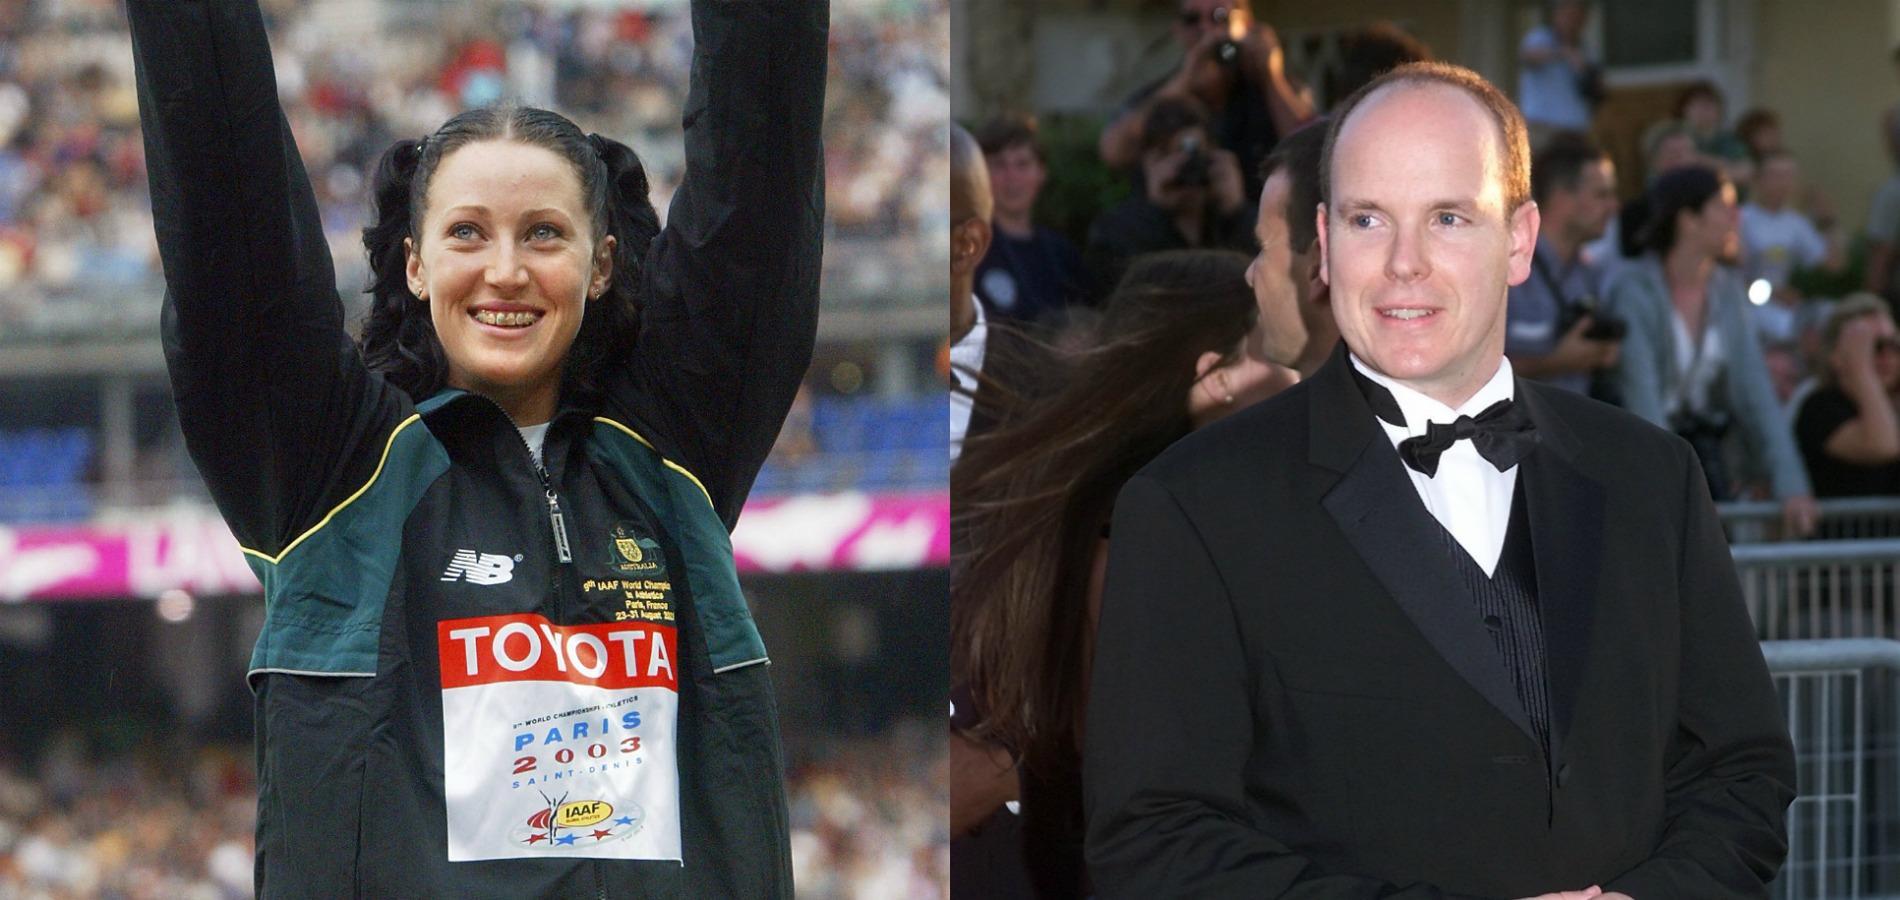 Une athlète australienne révèle sa courte relation avec Albert de Monaco